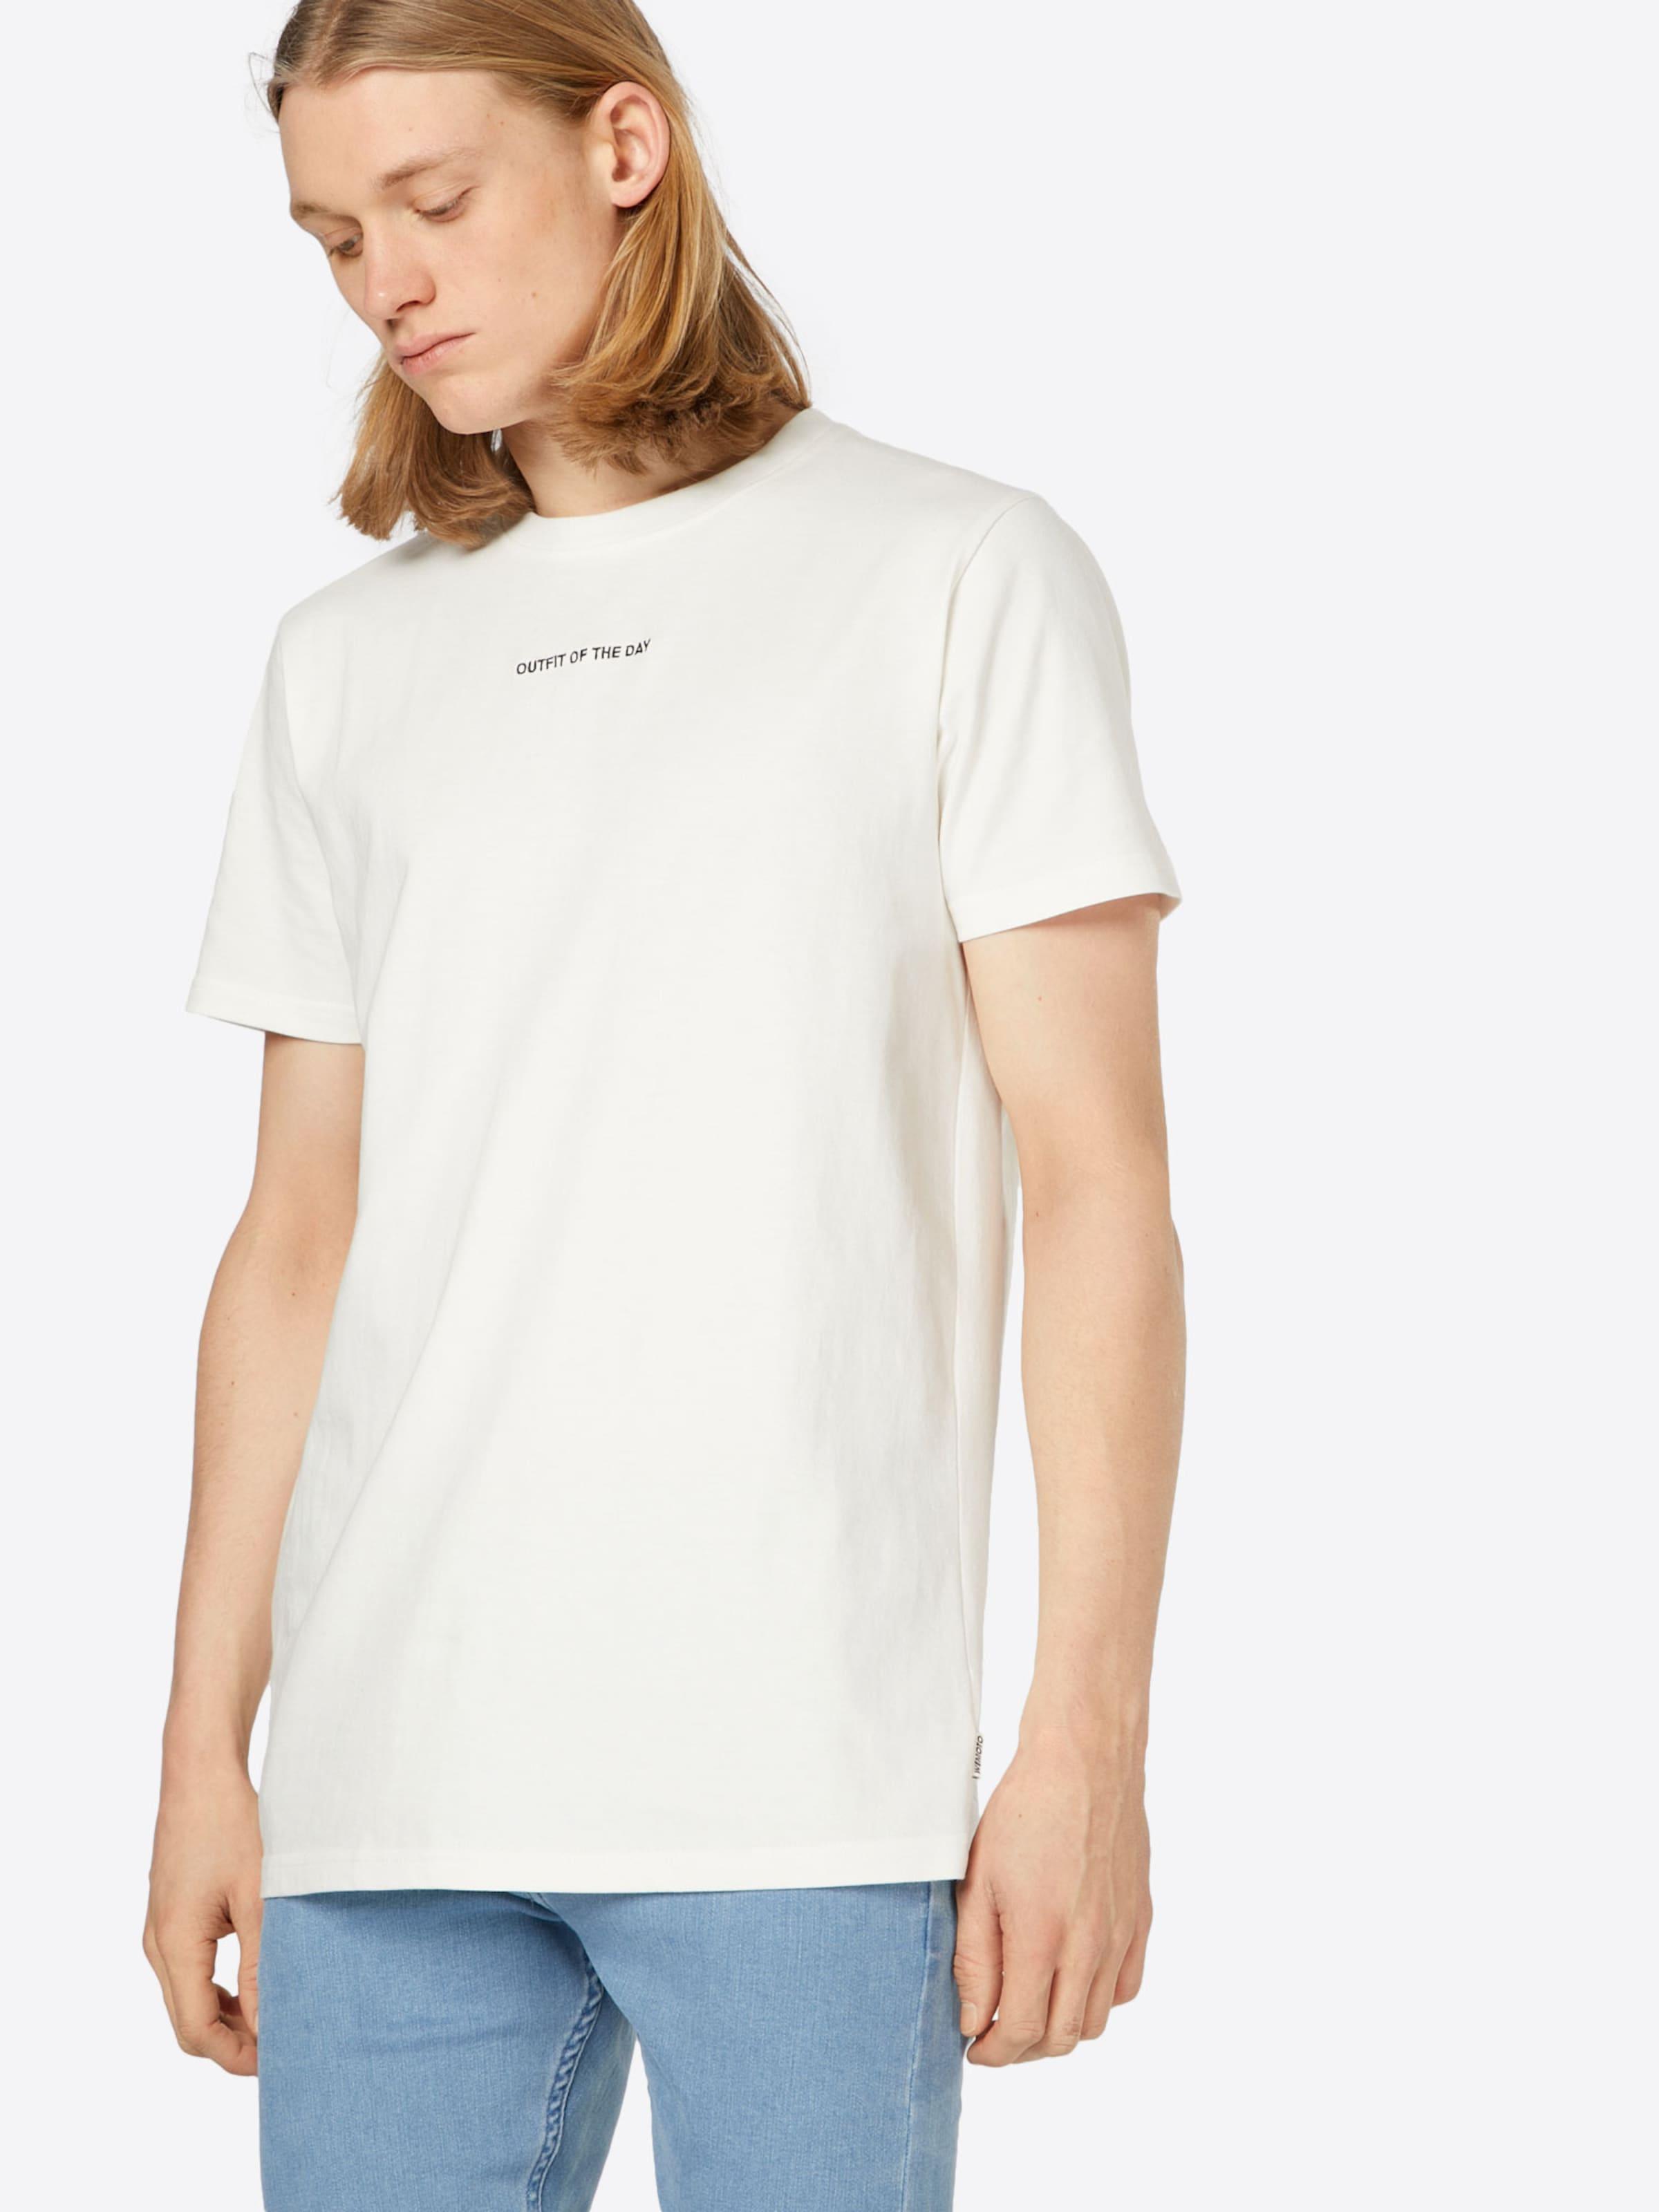 Wemoto T-Shirt 'OOTD' Auslass Heißen Verkauf Angebote Zum Verkauf Günstig Kaufen Rabatte Preise Online-Verkauf W4sjg